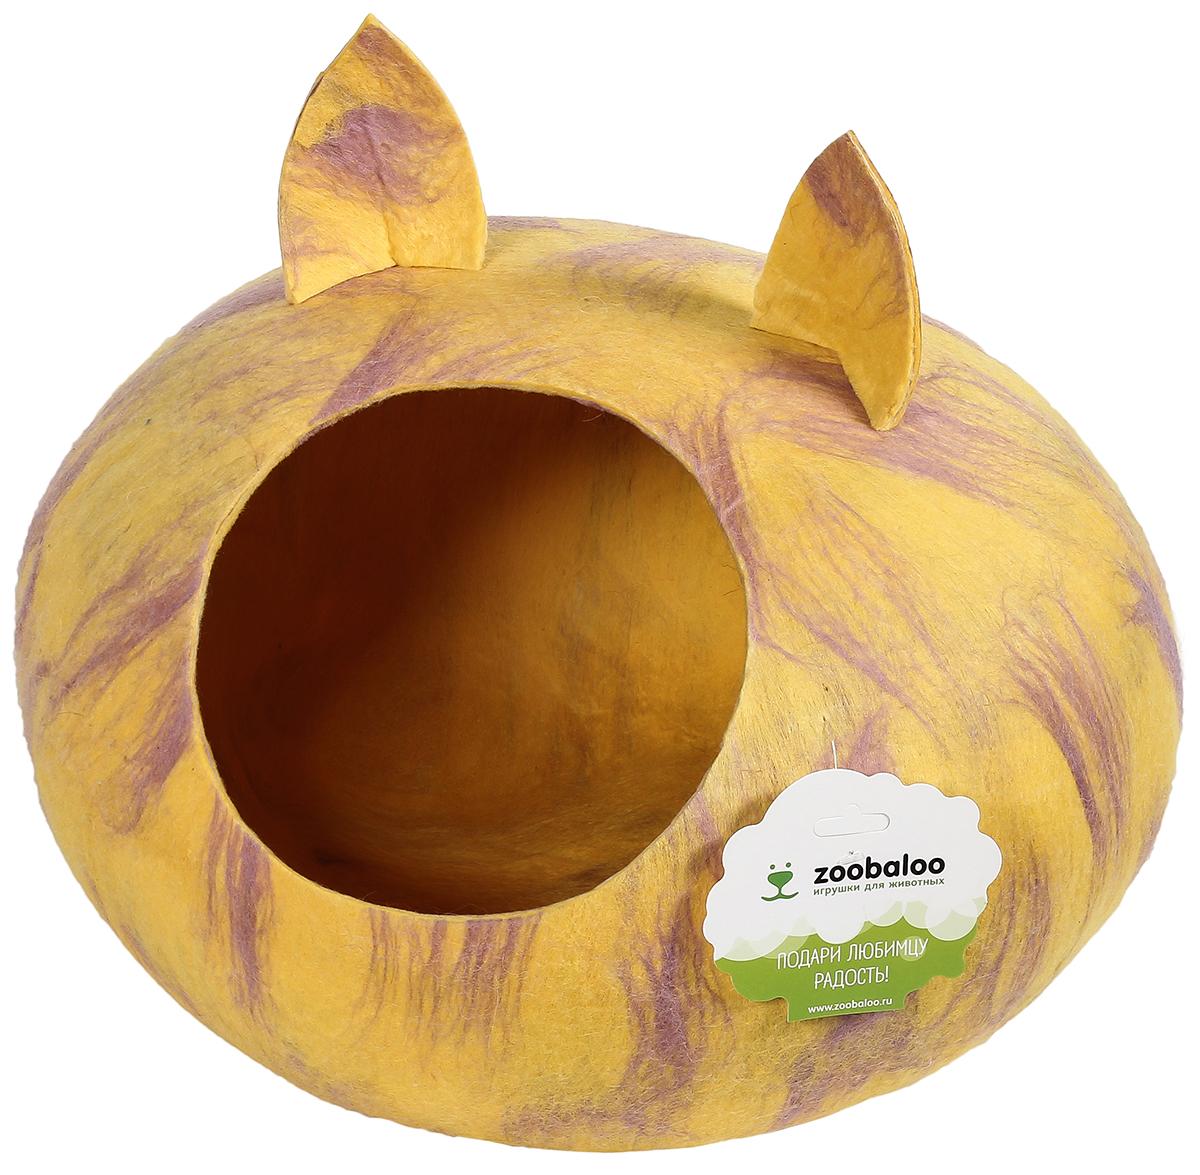 Домик-слипер для животных Zoobaloo WoolPetHouse, с ушками, цвет: мультиколор, желтый, размер М899Домик-слипер Zoobaloo WoolPetHouse предназначен для отдыха и сна питомца. Домик изготовлен из 100% шерсти мериноса. Шерсть мериноса обеспечит превосходный микроклимат внутри домика, а его форма позволит питомцу засыпать в самой естественной позе.